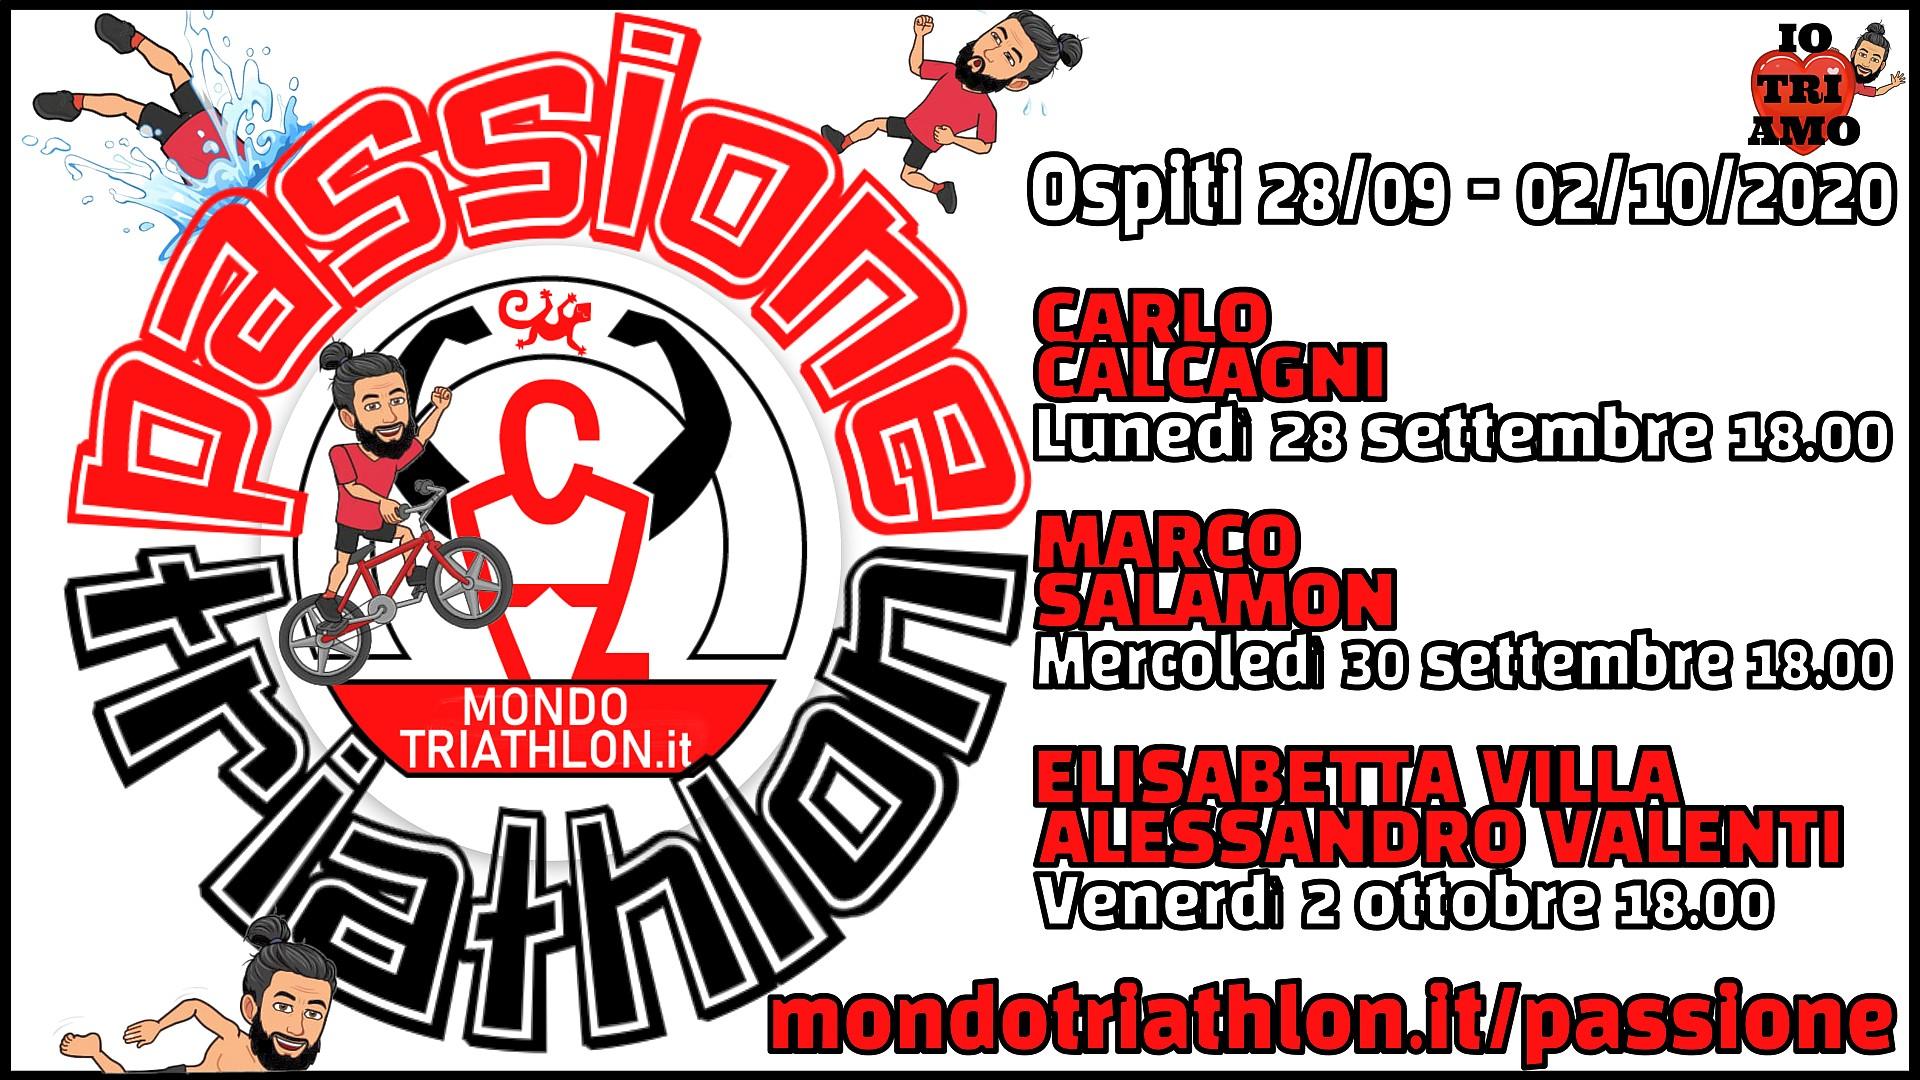 Programma Passione Triathlon 21 settembre - 2 ottobre 2020